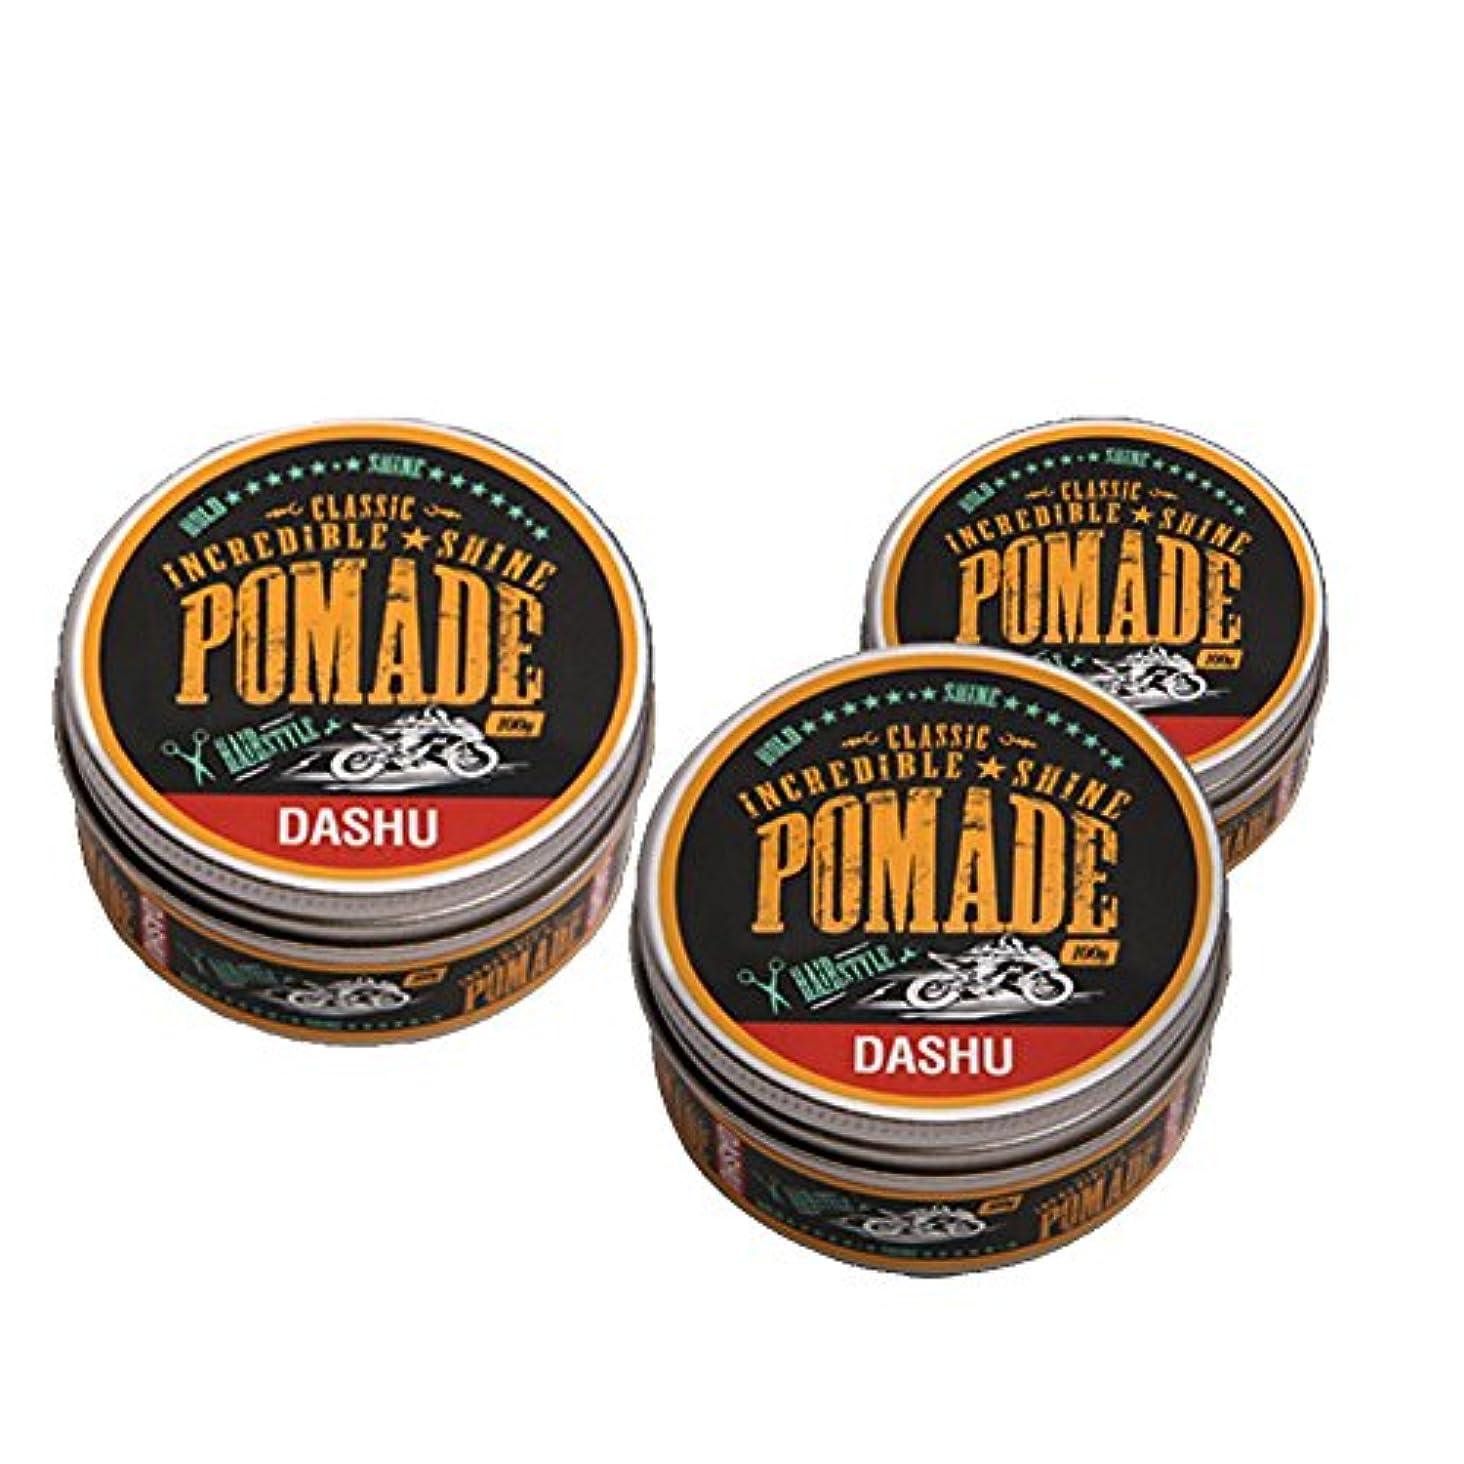 ショートカットニュージーランド薬理学(3個セット) x [DASHU] ダシュ クラシック 信じられないほどの輝き ポマードワックス Classic Incredible Shine Pomade Hair Wax 100ml / 韓国製 . 韓国直送品